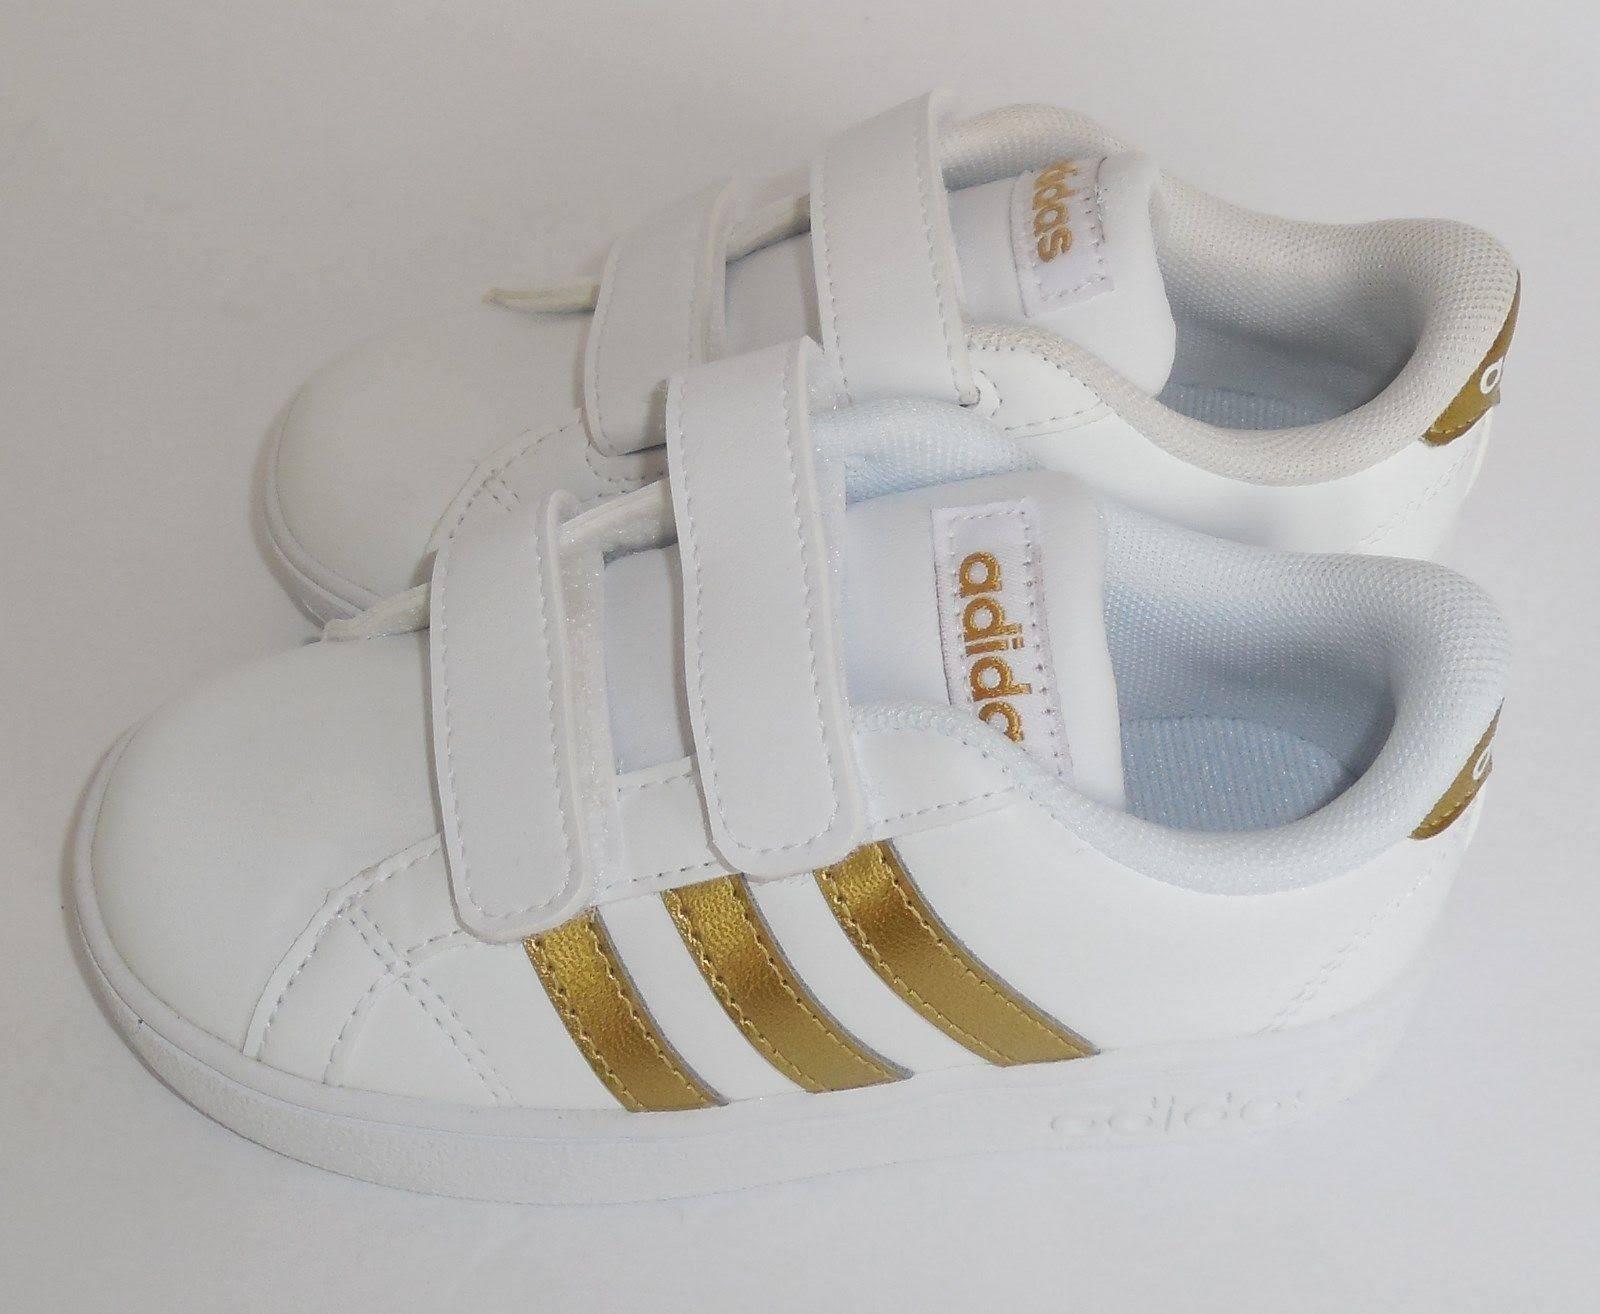 Zapatillas Neo Tamaño Blanco T Pequeños Niños Para Niño 7 Baseline Adidas 66Owq1nPa